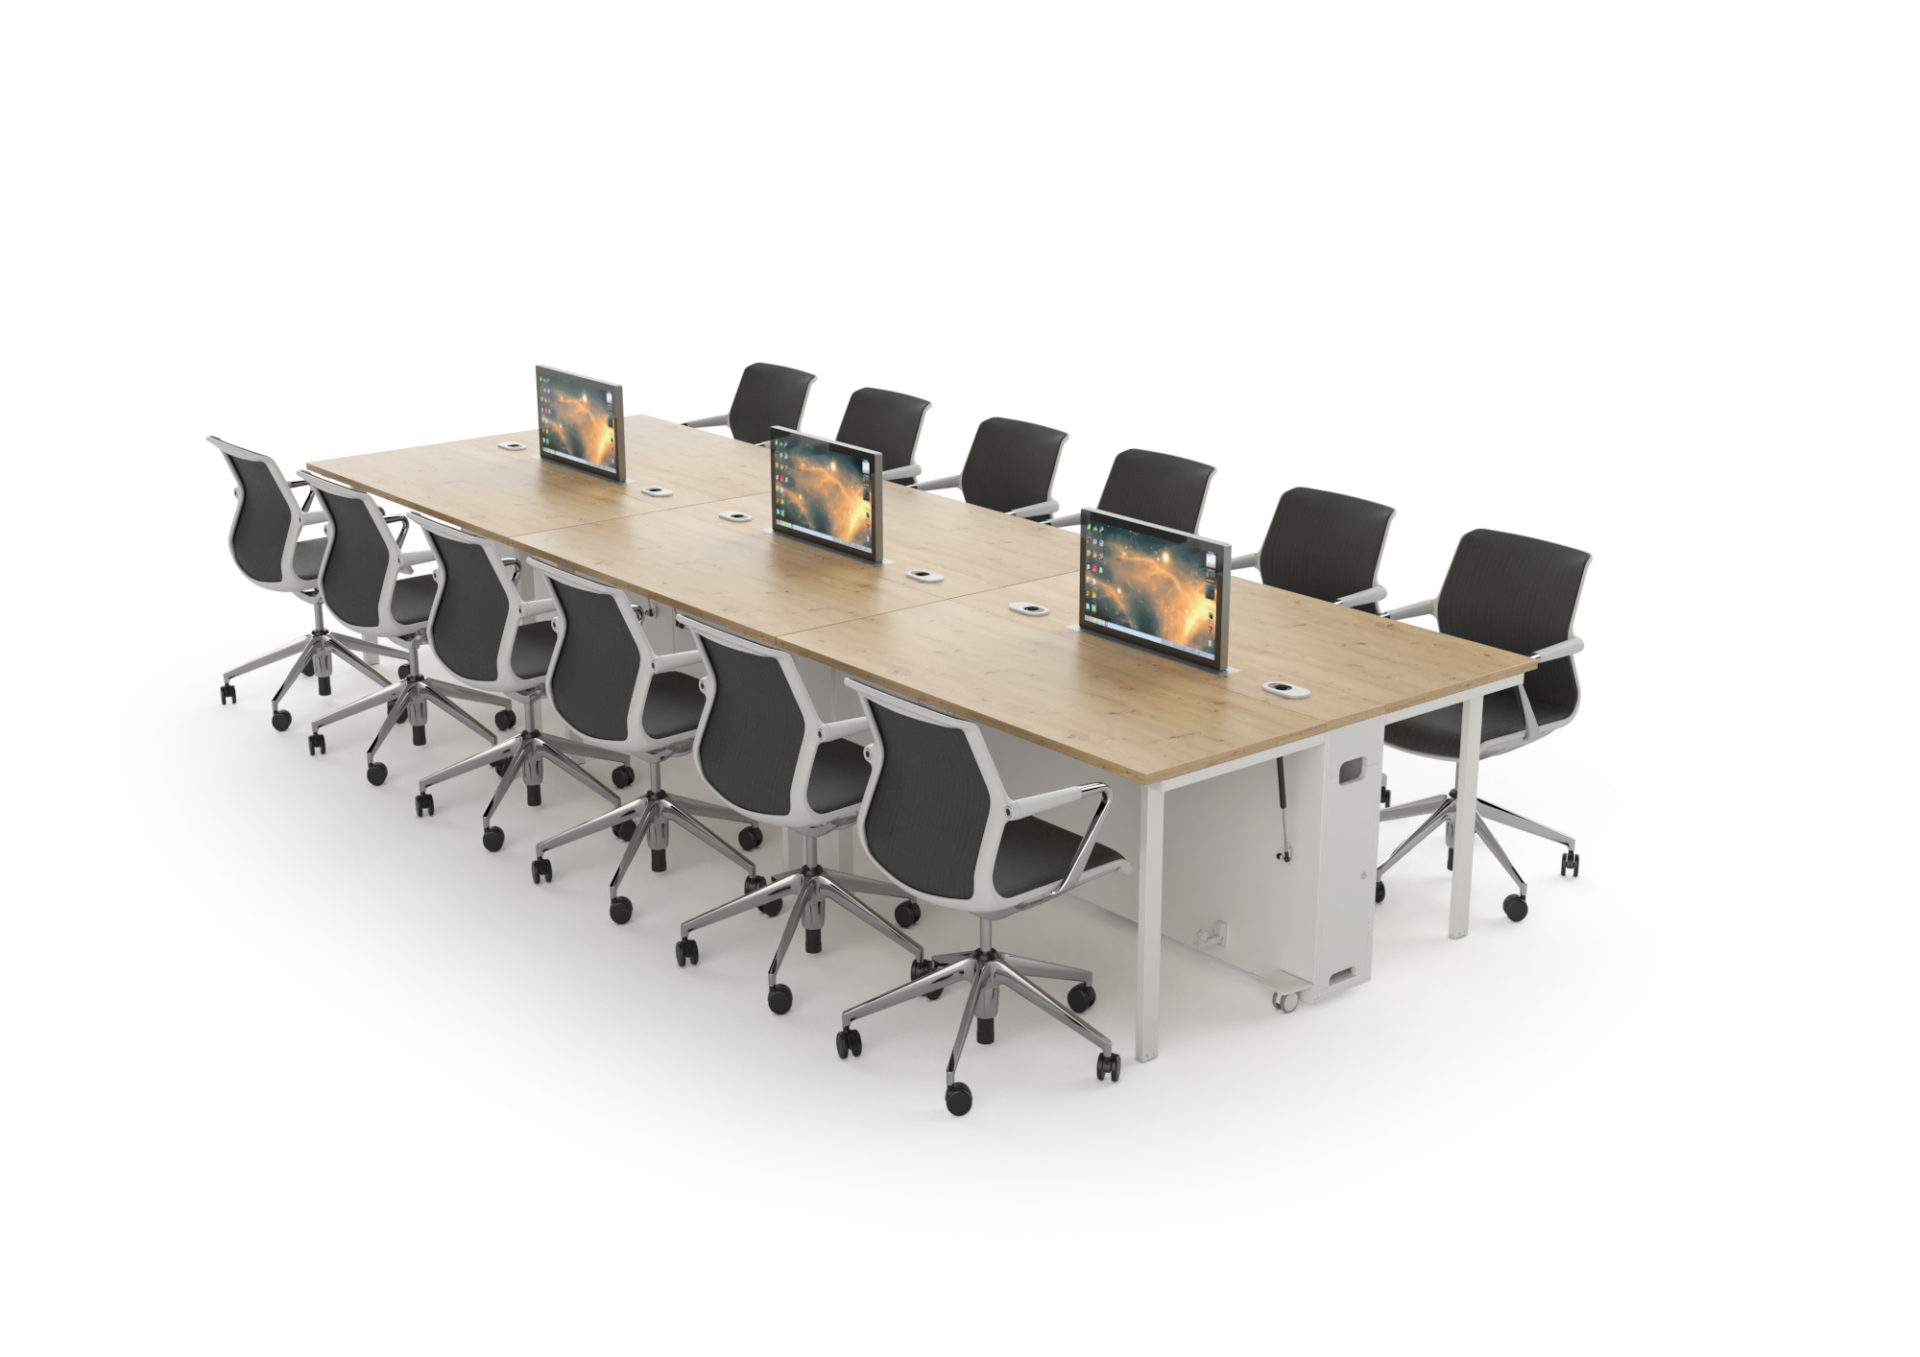 LEs postes de réunion mobiles permettent de créer des implantation à volonté